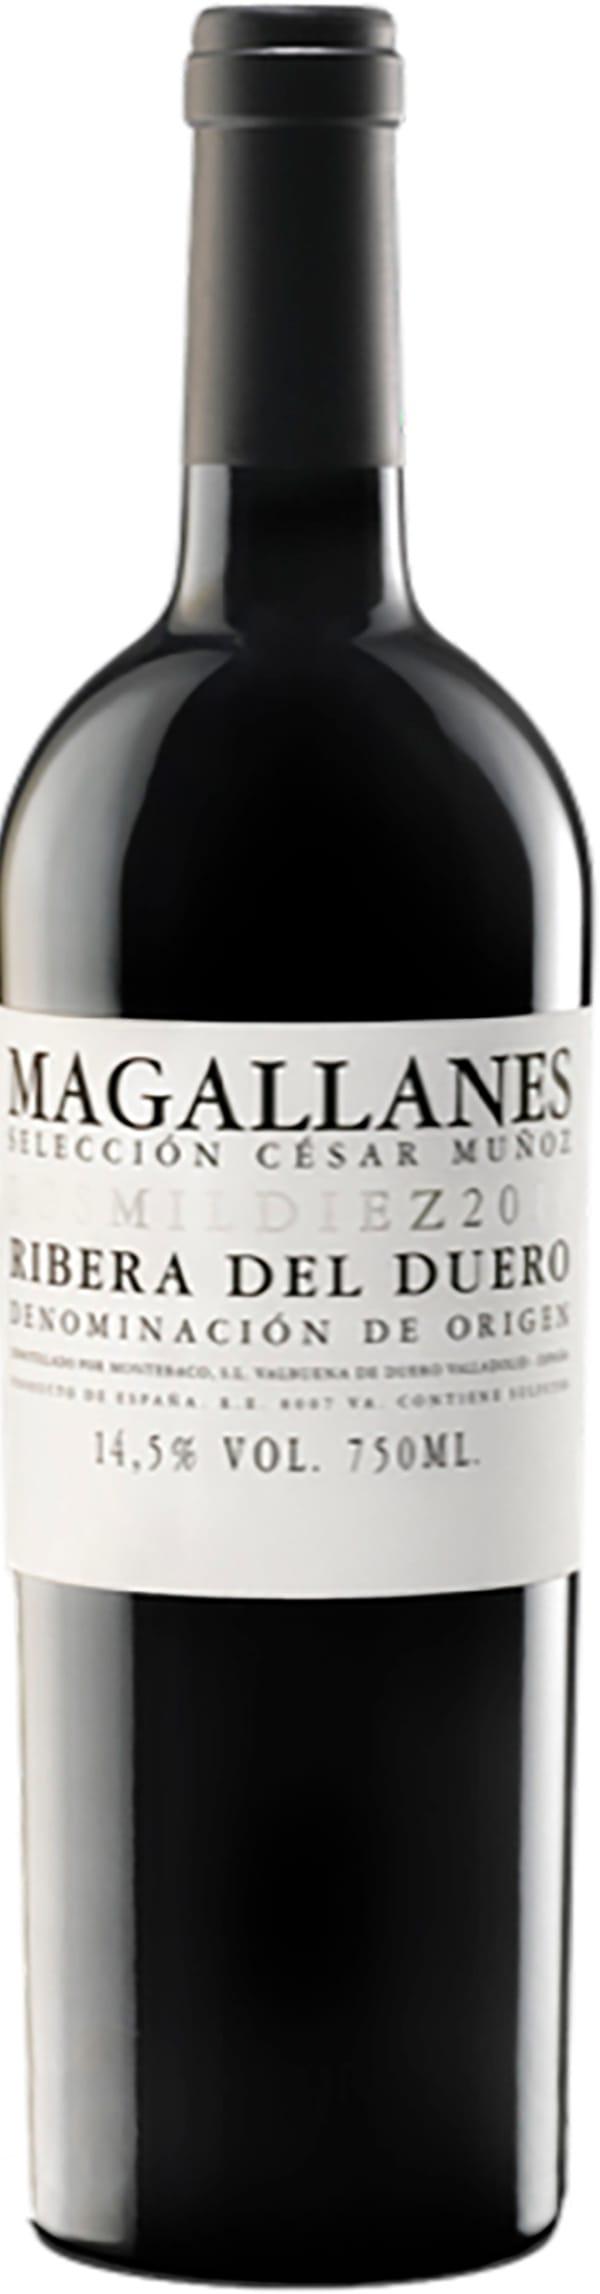 Magallanes Selección César Muñoz 2016